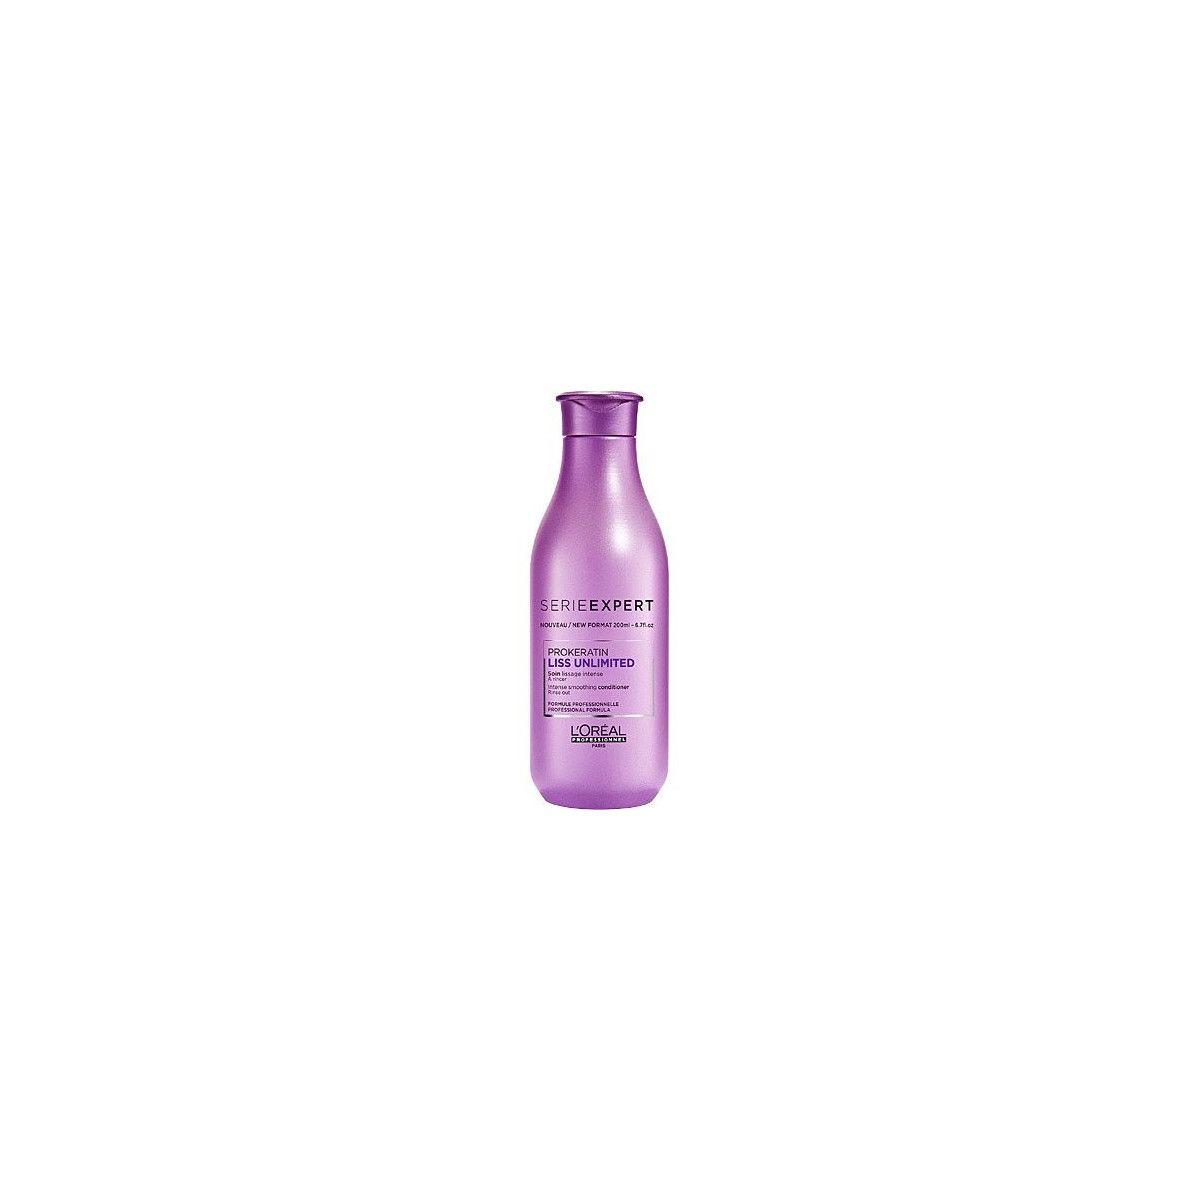 Loreal Liss Unlimited, odżywka wygładzająca przeciw puszeniu się włosów 200ml